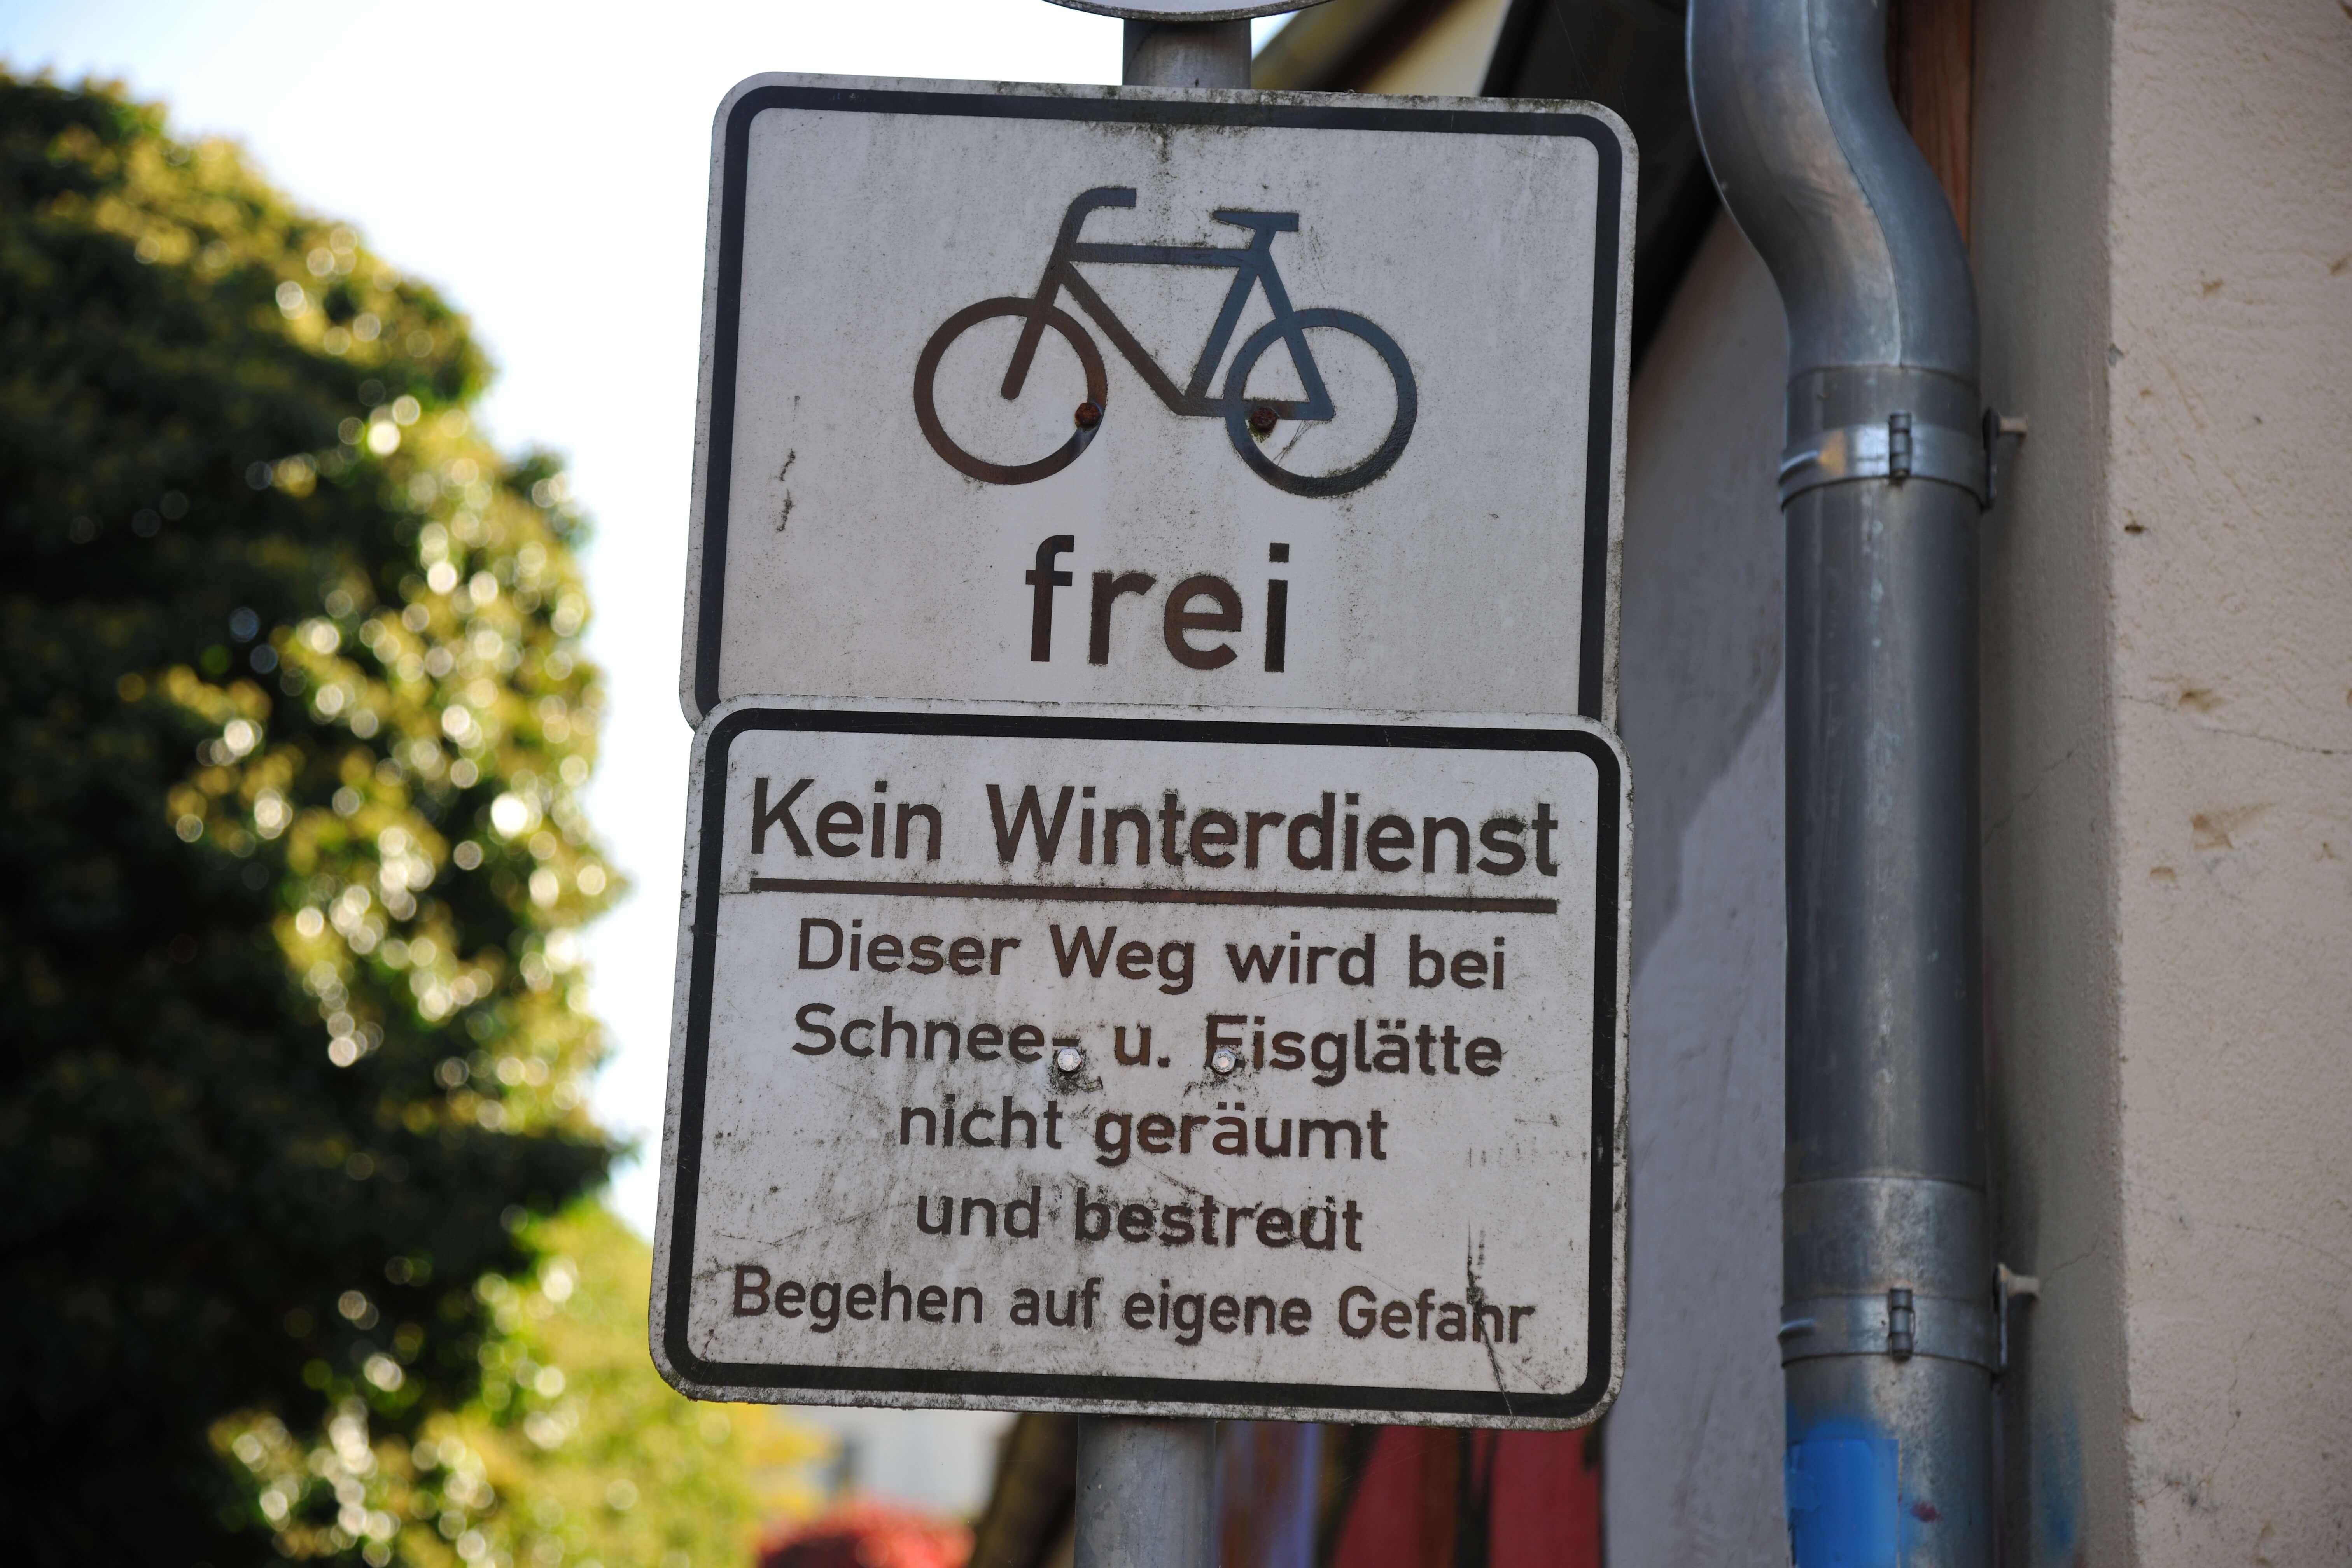 Kein-Winterdienst-Radweg-Forum-Verlag-Herkert-GmbH